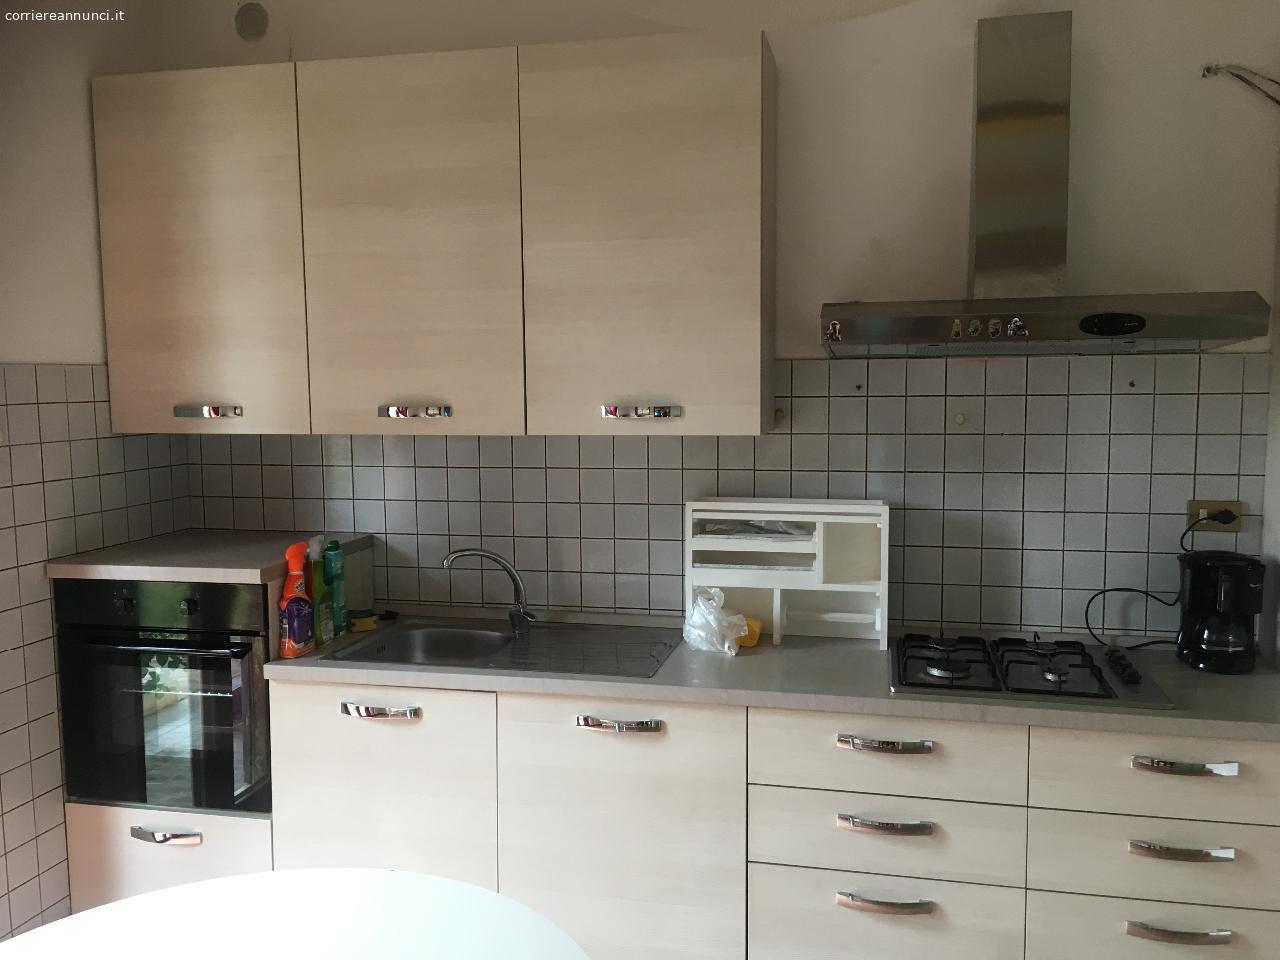 Cucine Mondo Convenienza Elettrodomestici annunci - arredamento casa - cucina mondo convenienza completa